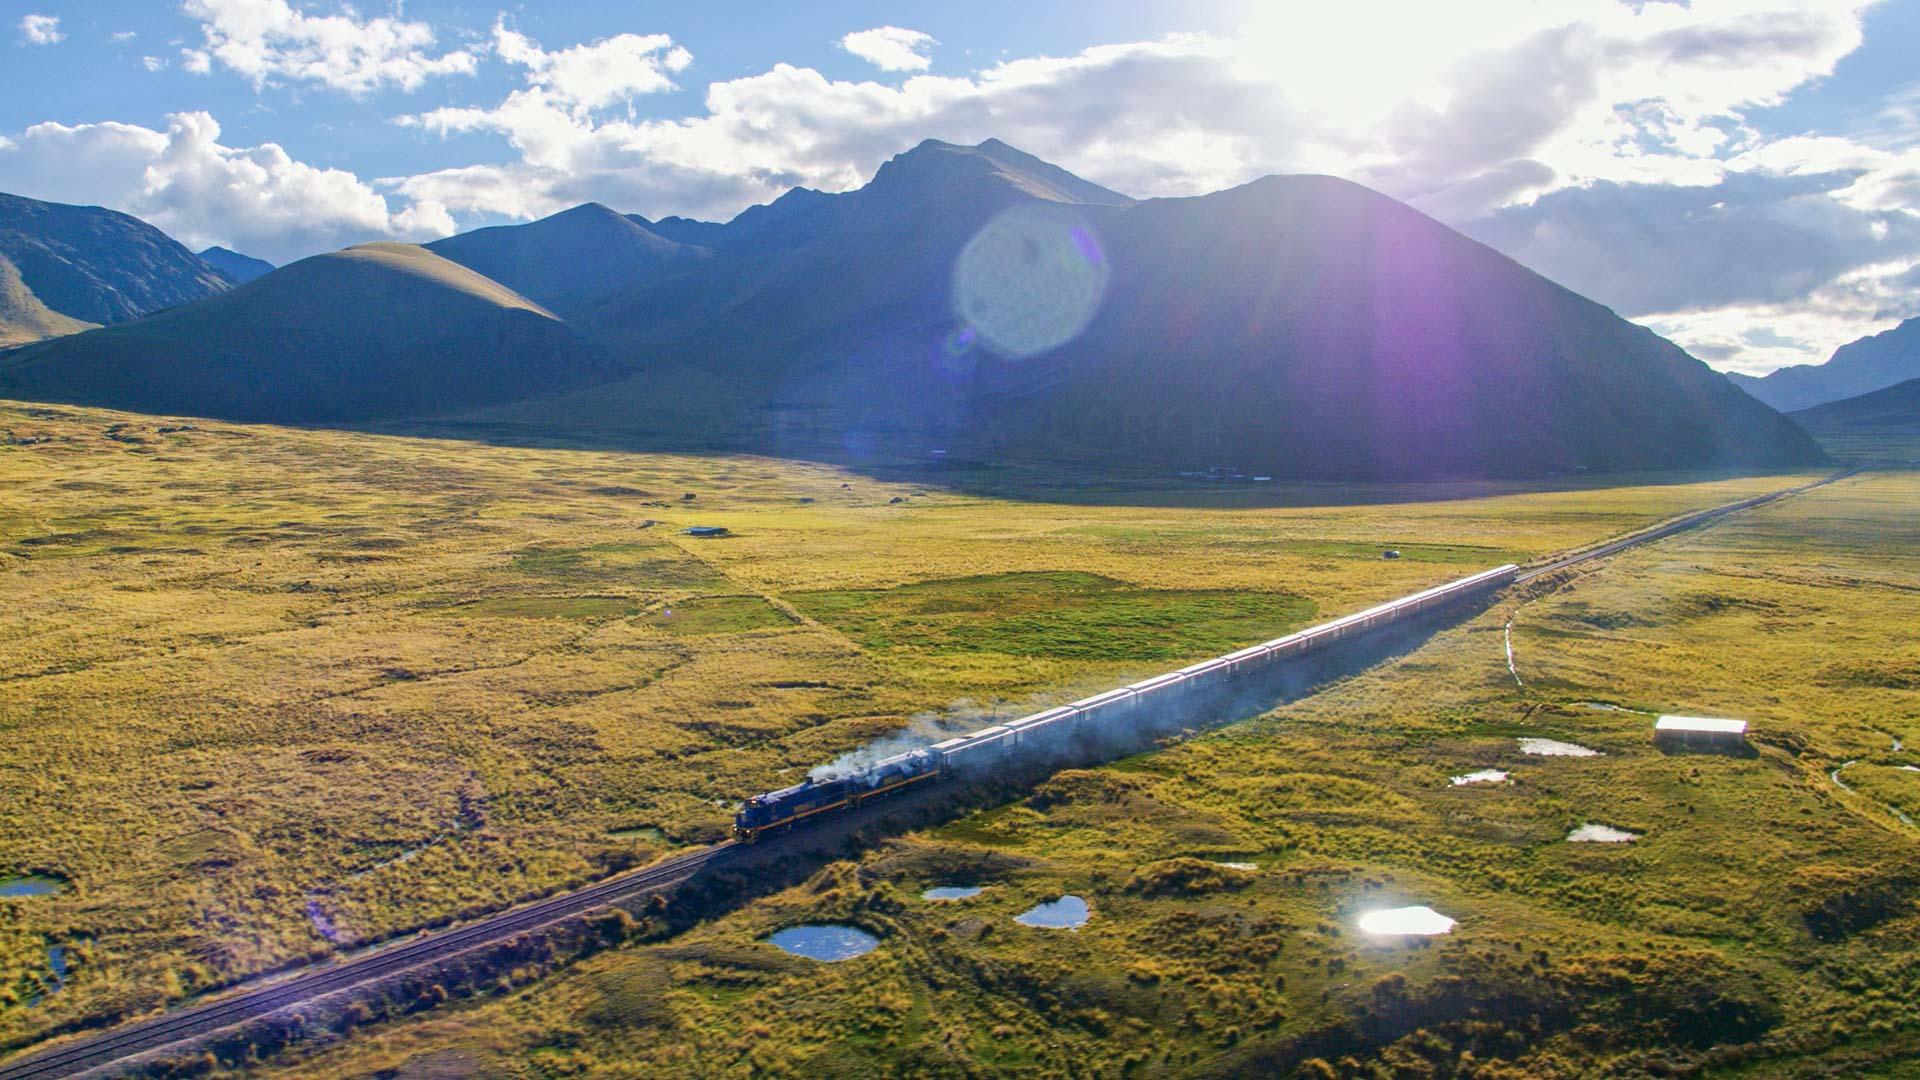 Le Belmond Andean Explorer traverse des paysages parmi les plus beaux du continent